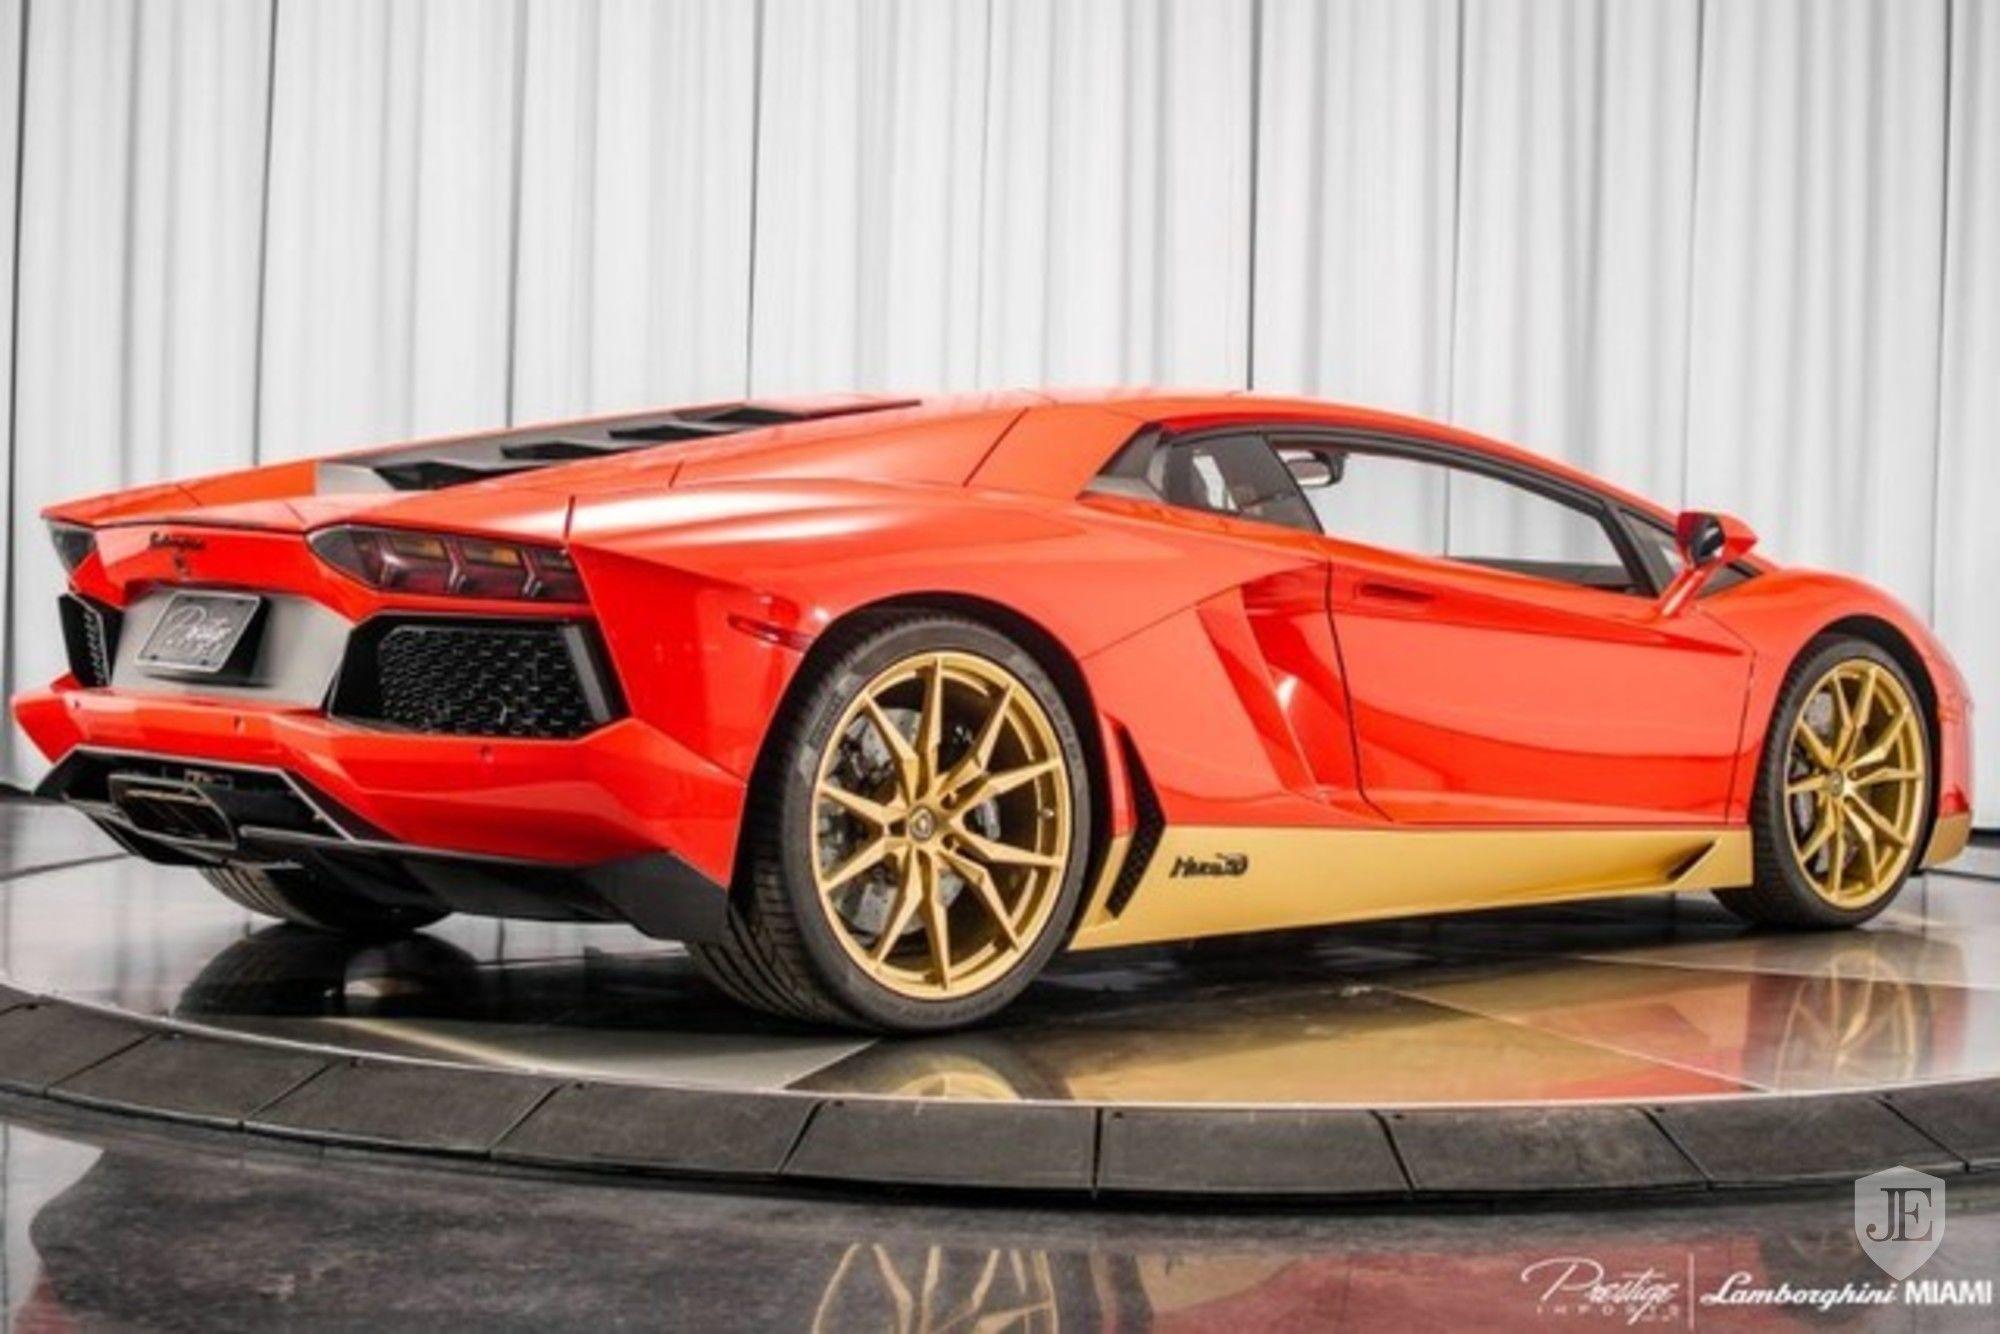 2017 Lamborghini Miura In North Miami Beach Fl United States For